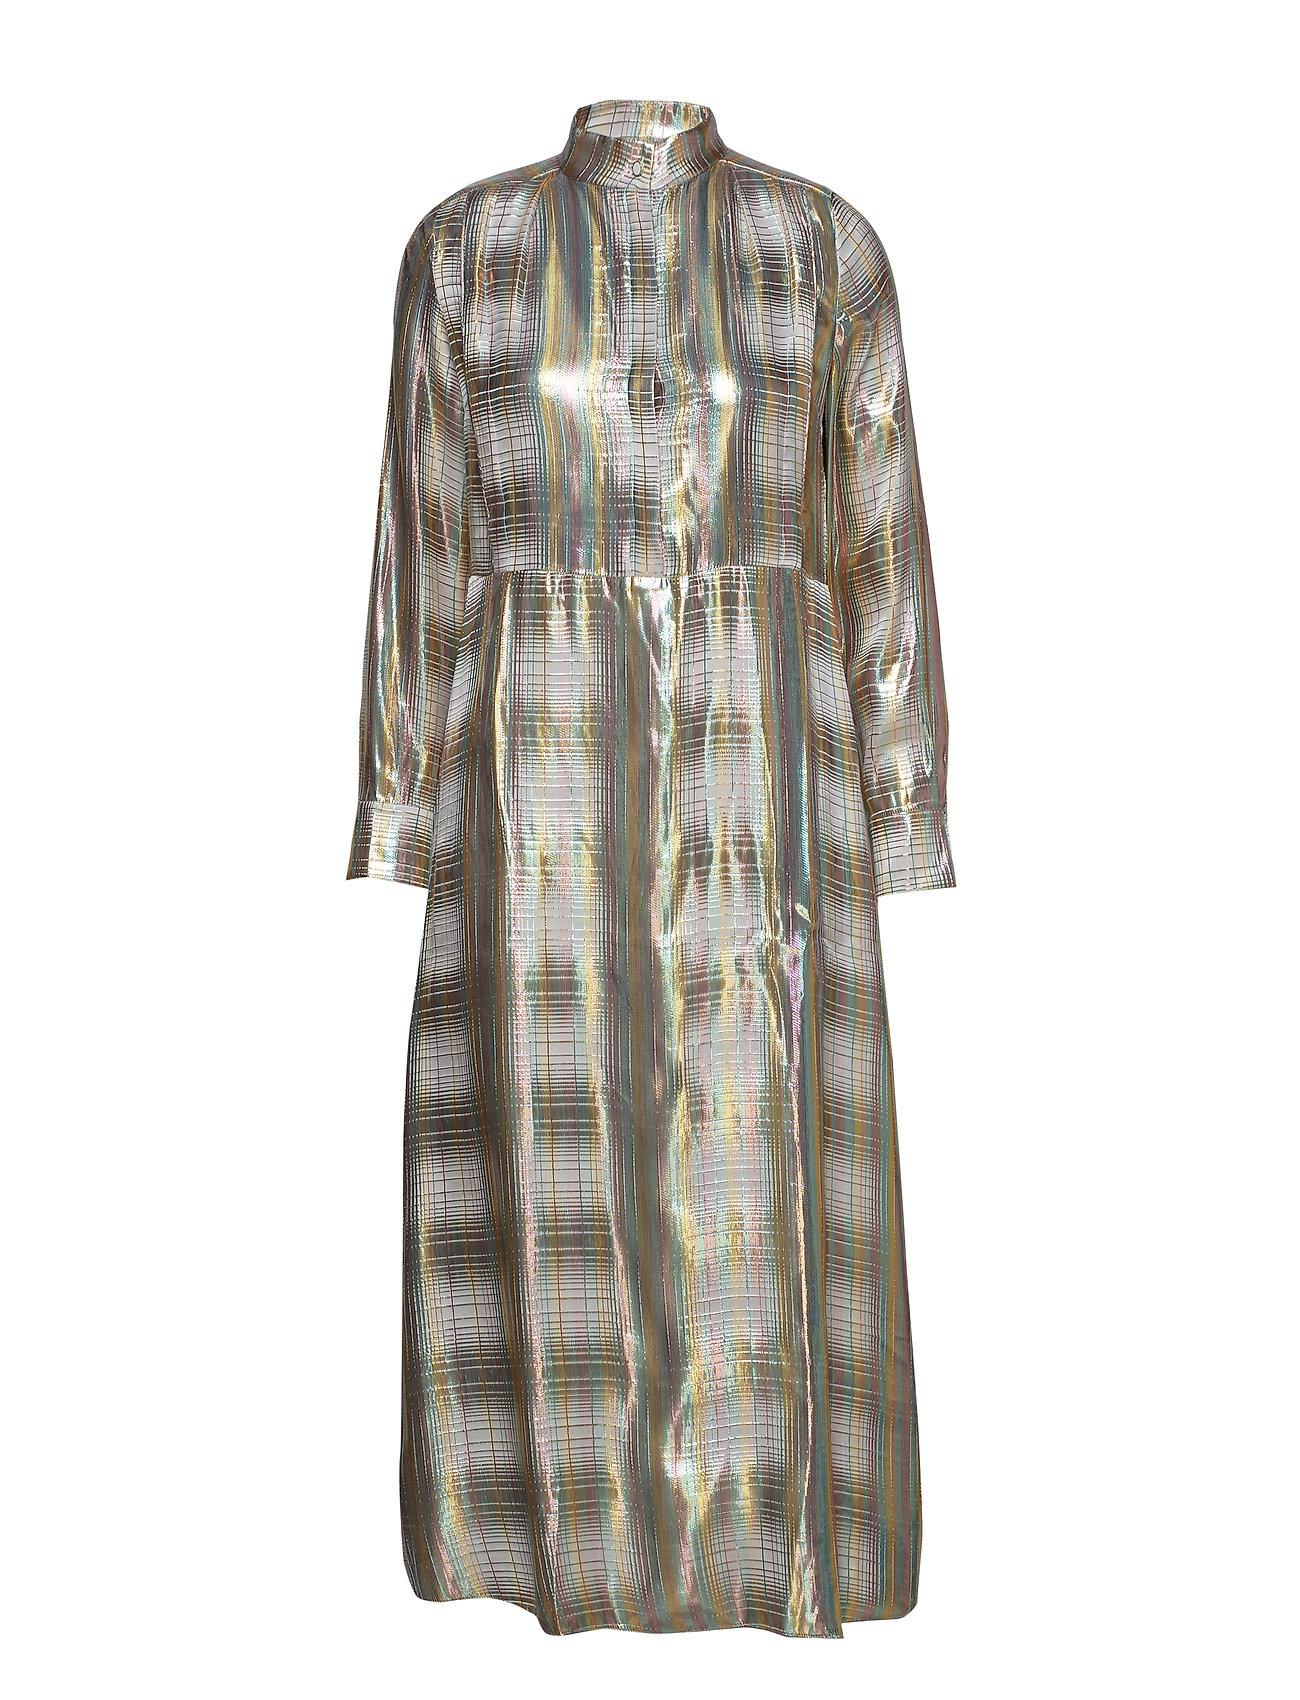 POSTYR POSAVA DRESS - BRIGHT WHITE